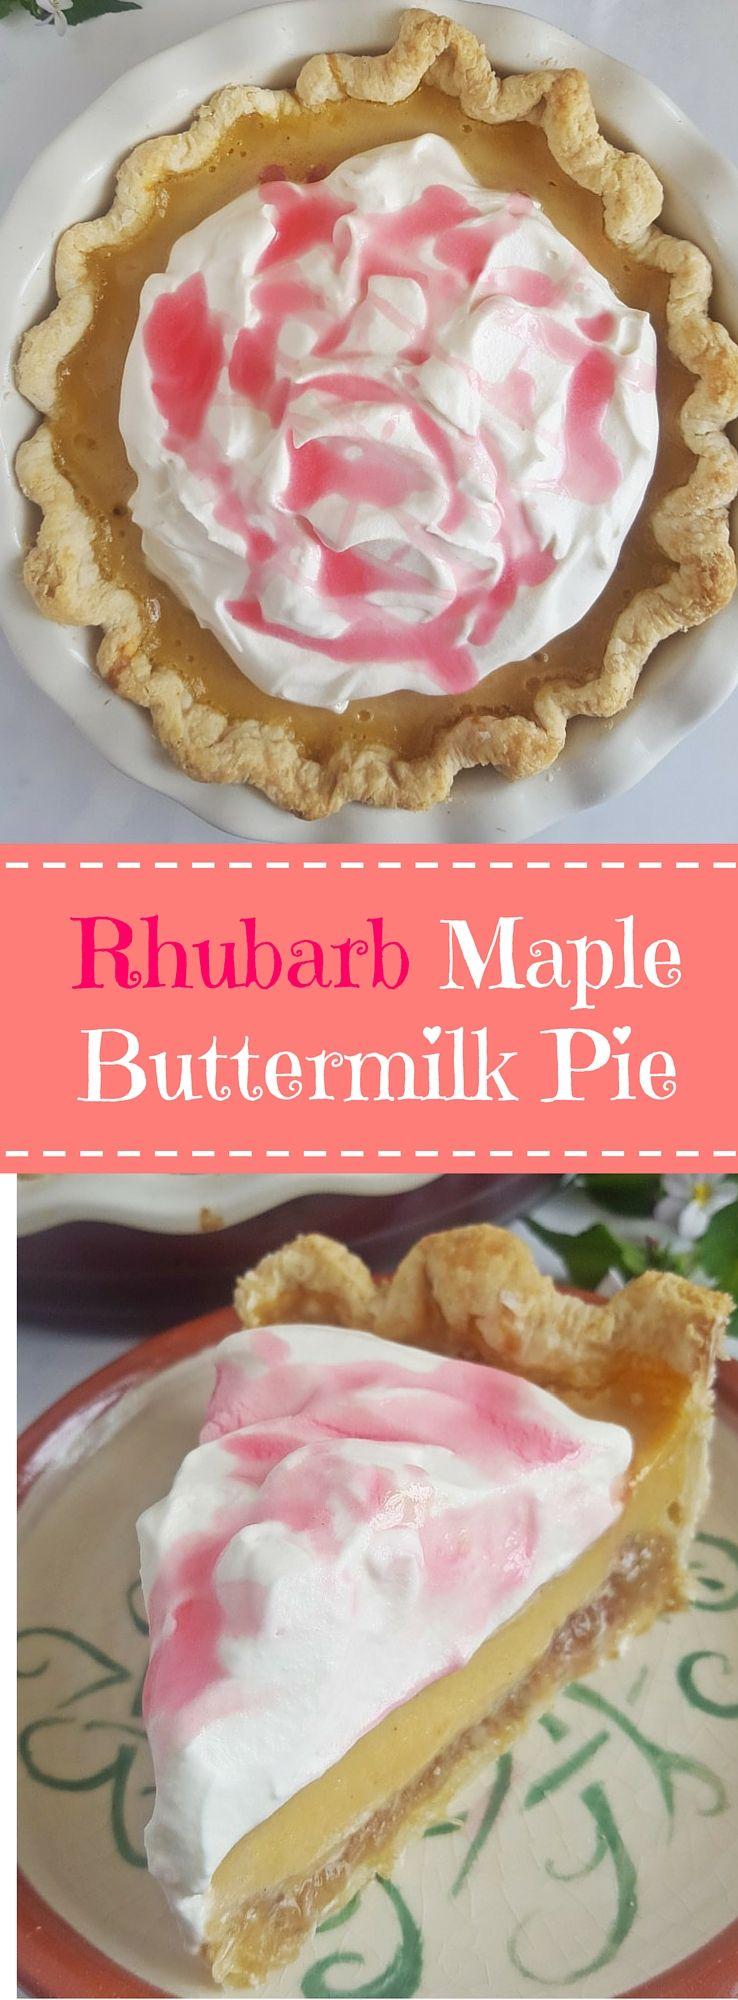 Deutsch Buttermilch Rhabarber Pie Mit Ahornsirup Rhubarb Maple Buttermilk Pie Recipe Easy Cake Recipes Sweet Pie Sweet Recipes